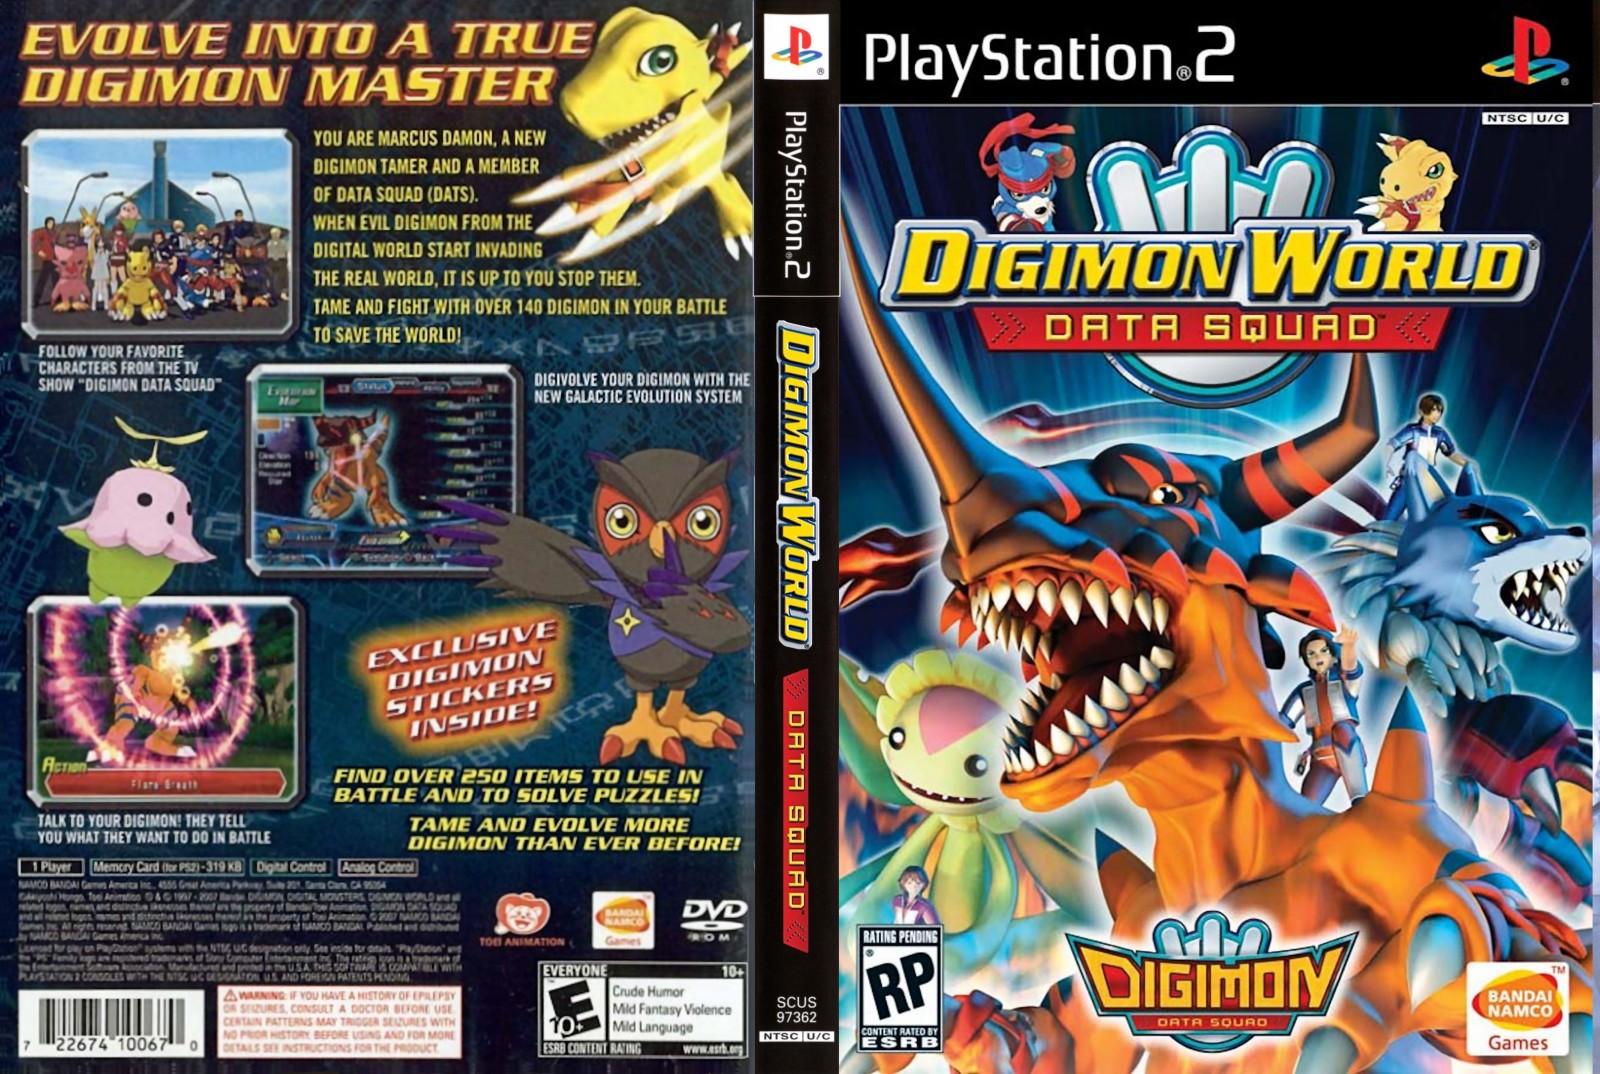 É mais um jogo para PS2,e também um RPG,na minha opinião um muito